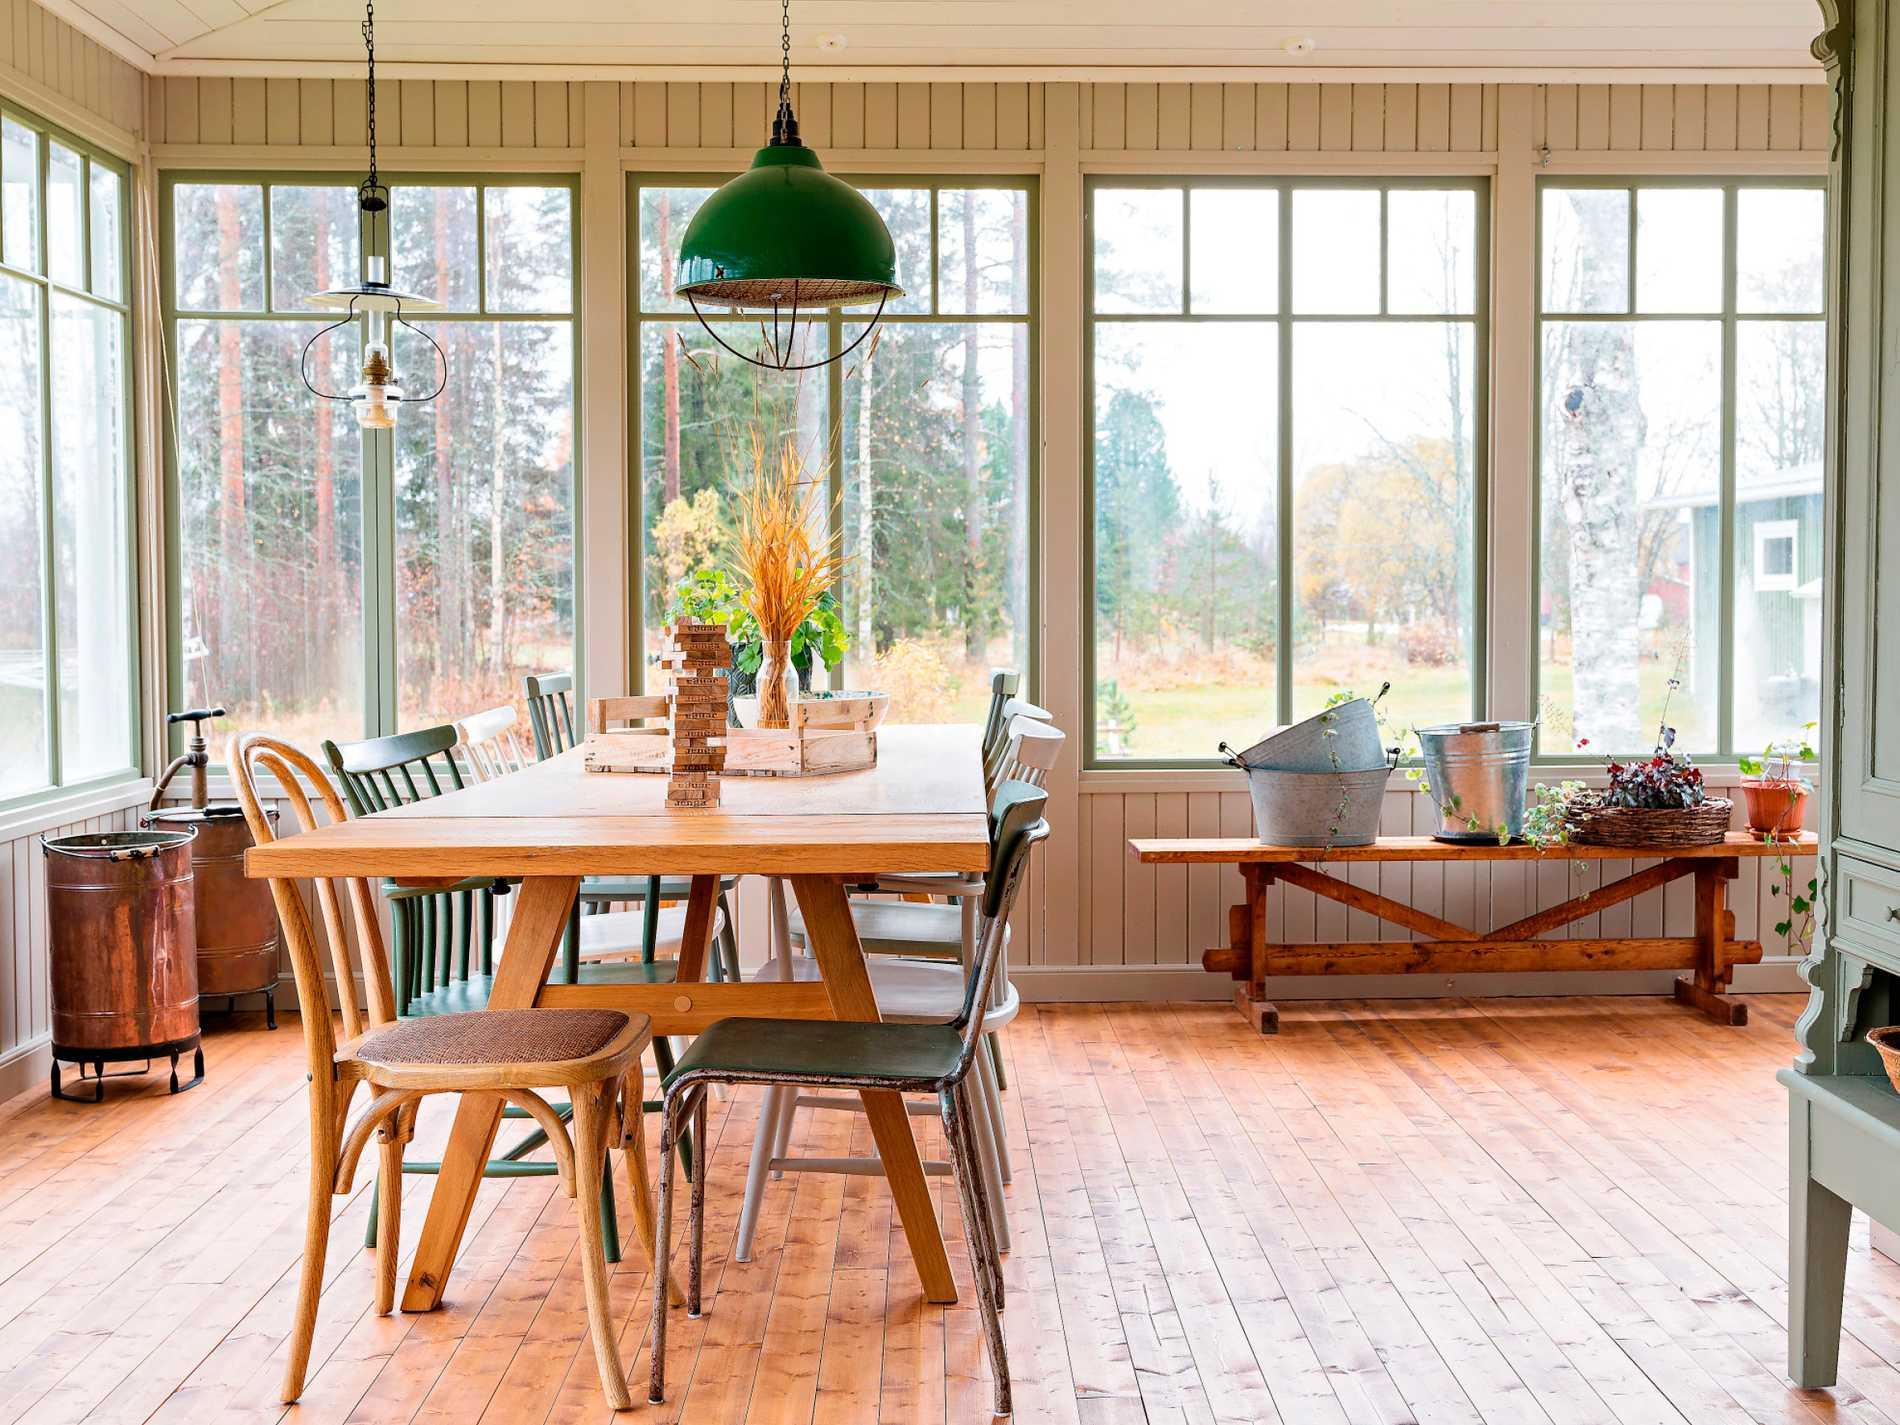 Runt det stora bordet på verandan ryms många, och här dukas det ofta upp till middag och kalas. Stolarna är en blanding av loppisfynd, Åkerblomsstolar fyndade på Bukowskis och  böjträstolar från Ellos.